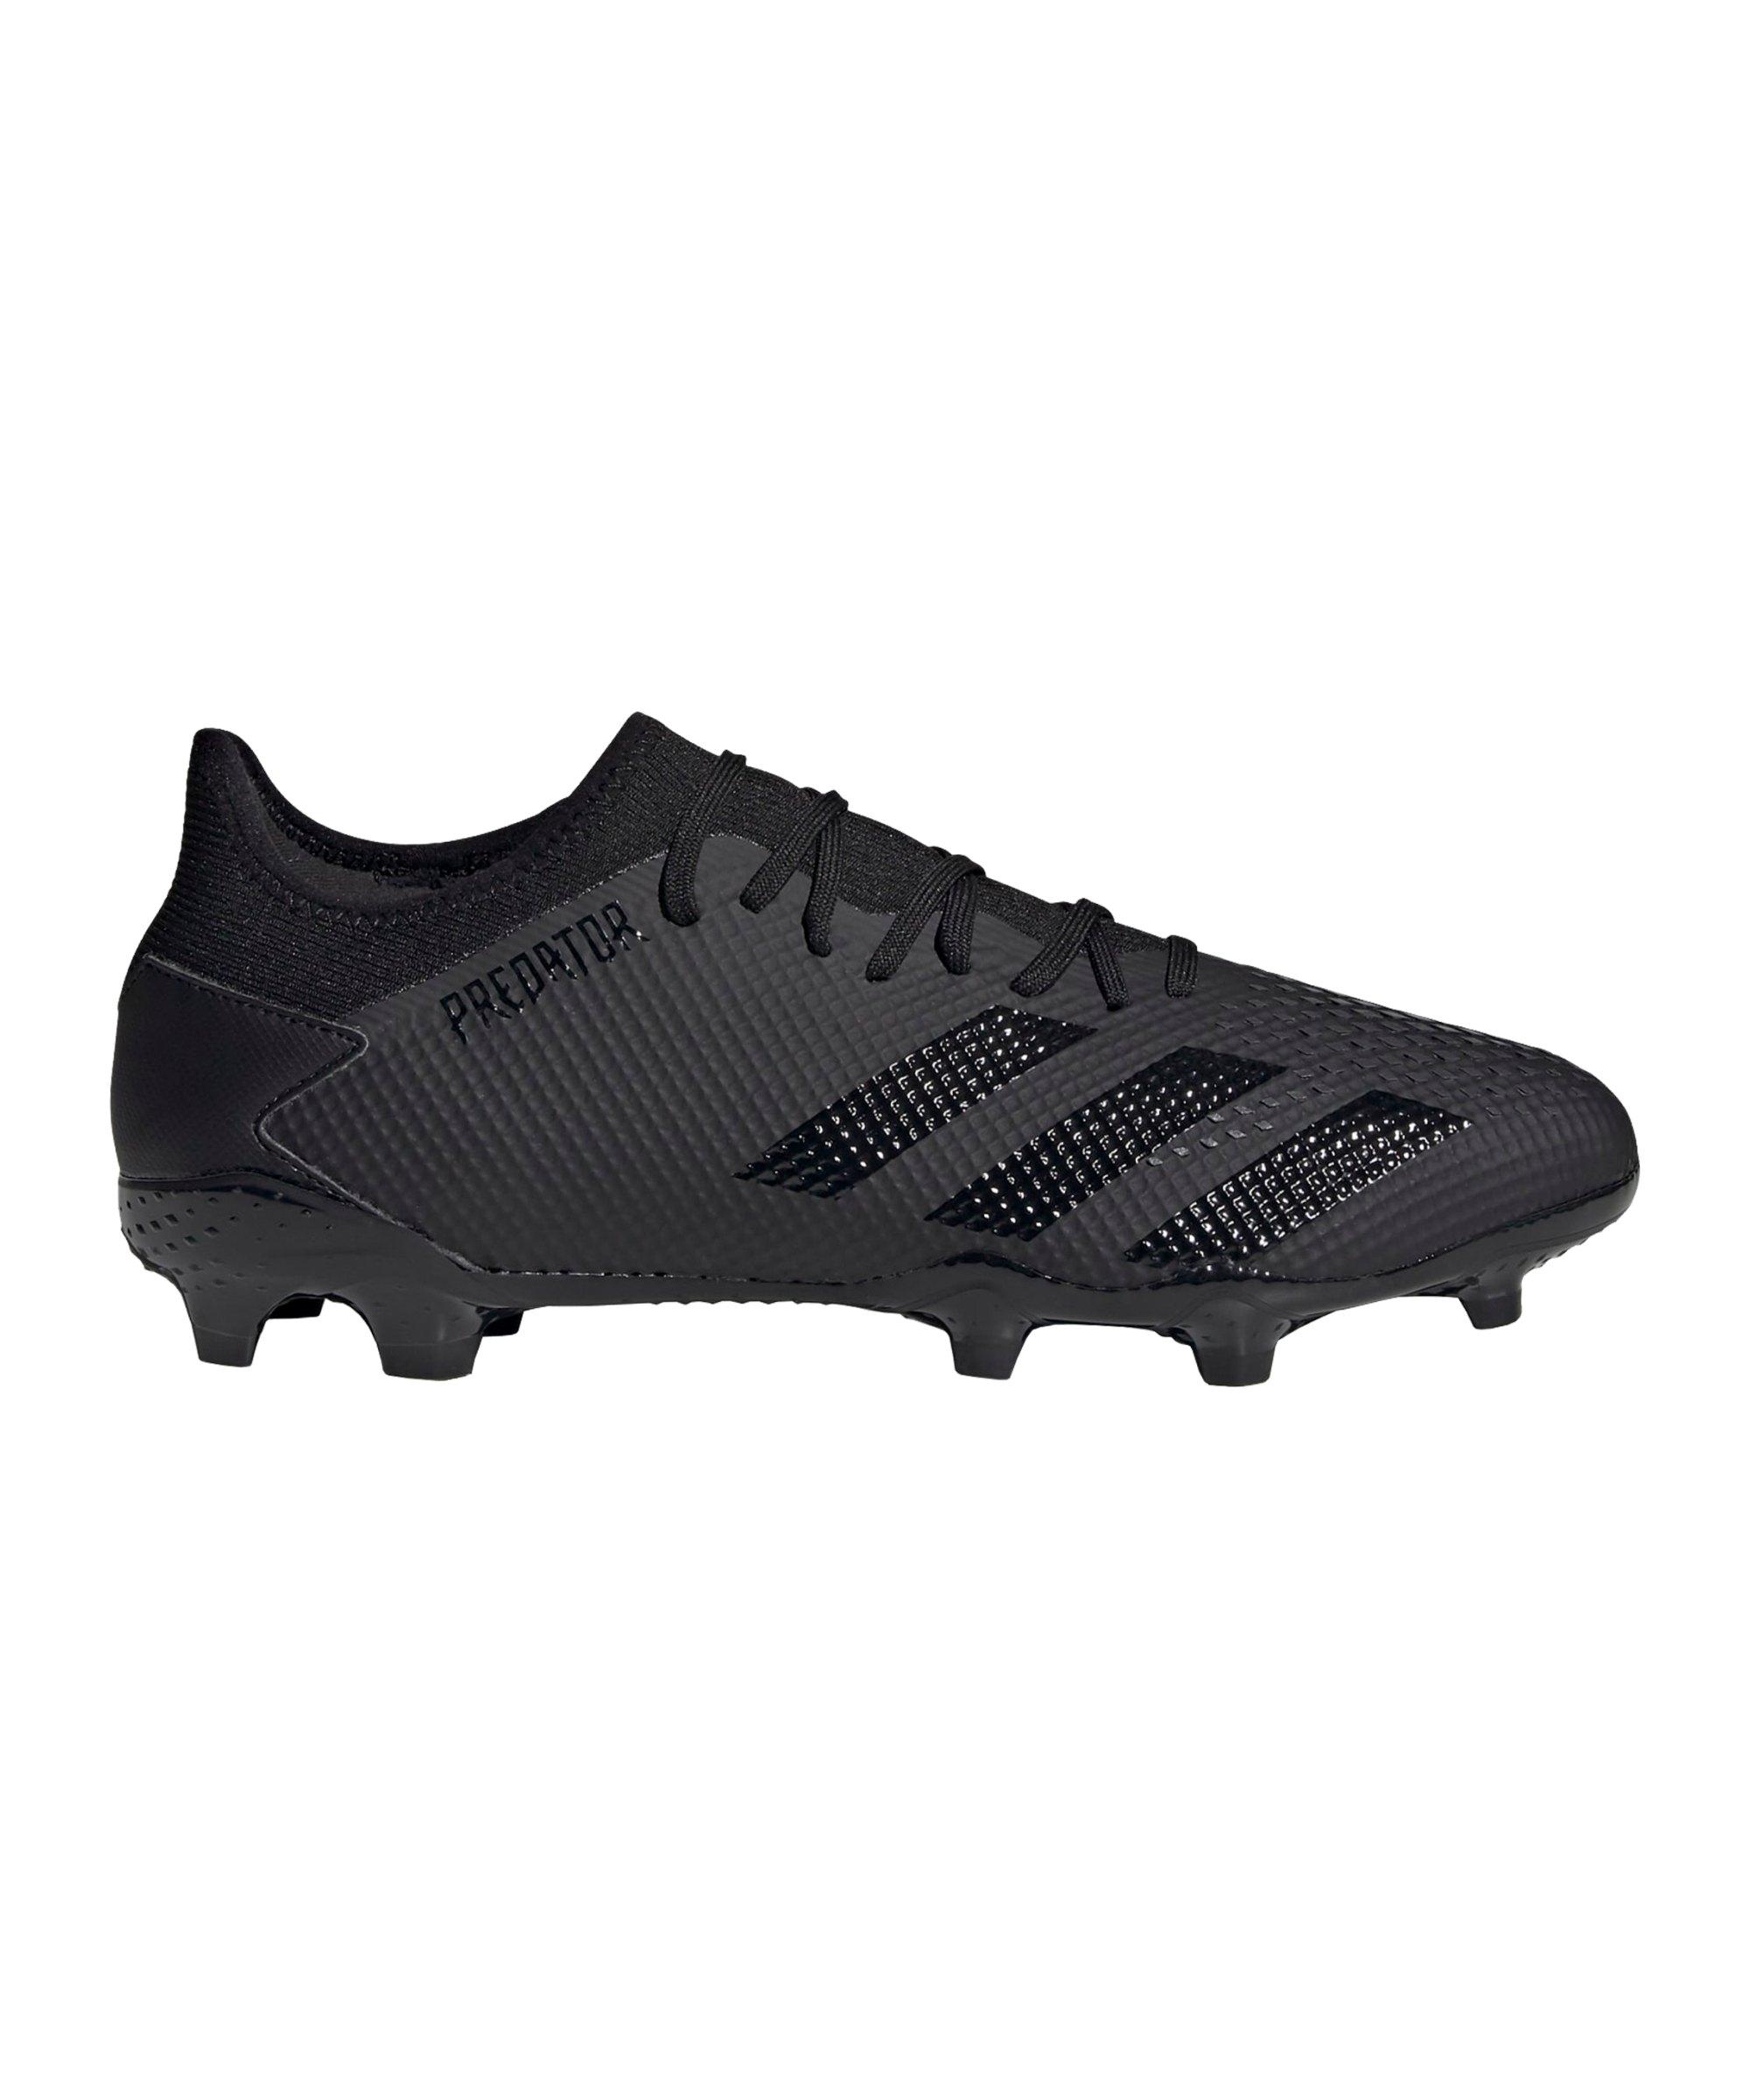 adidas Predator Dark Motion 20.3 L FG Schwarz Grau - schwarz